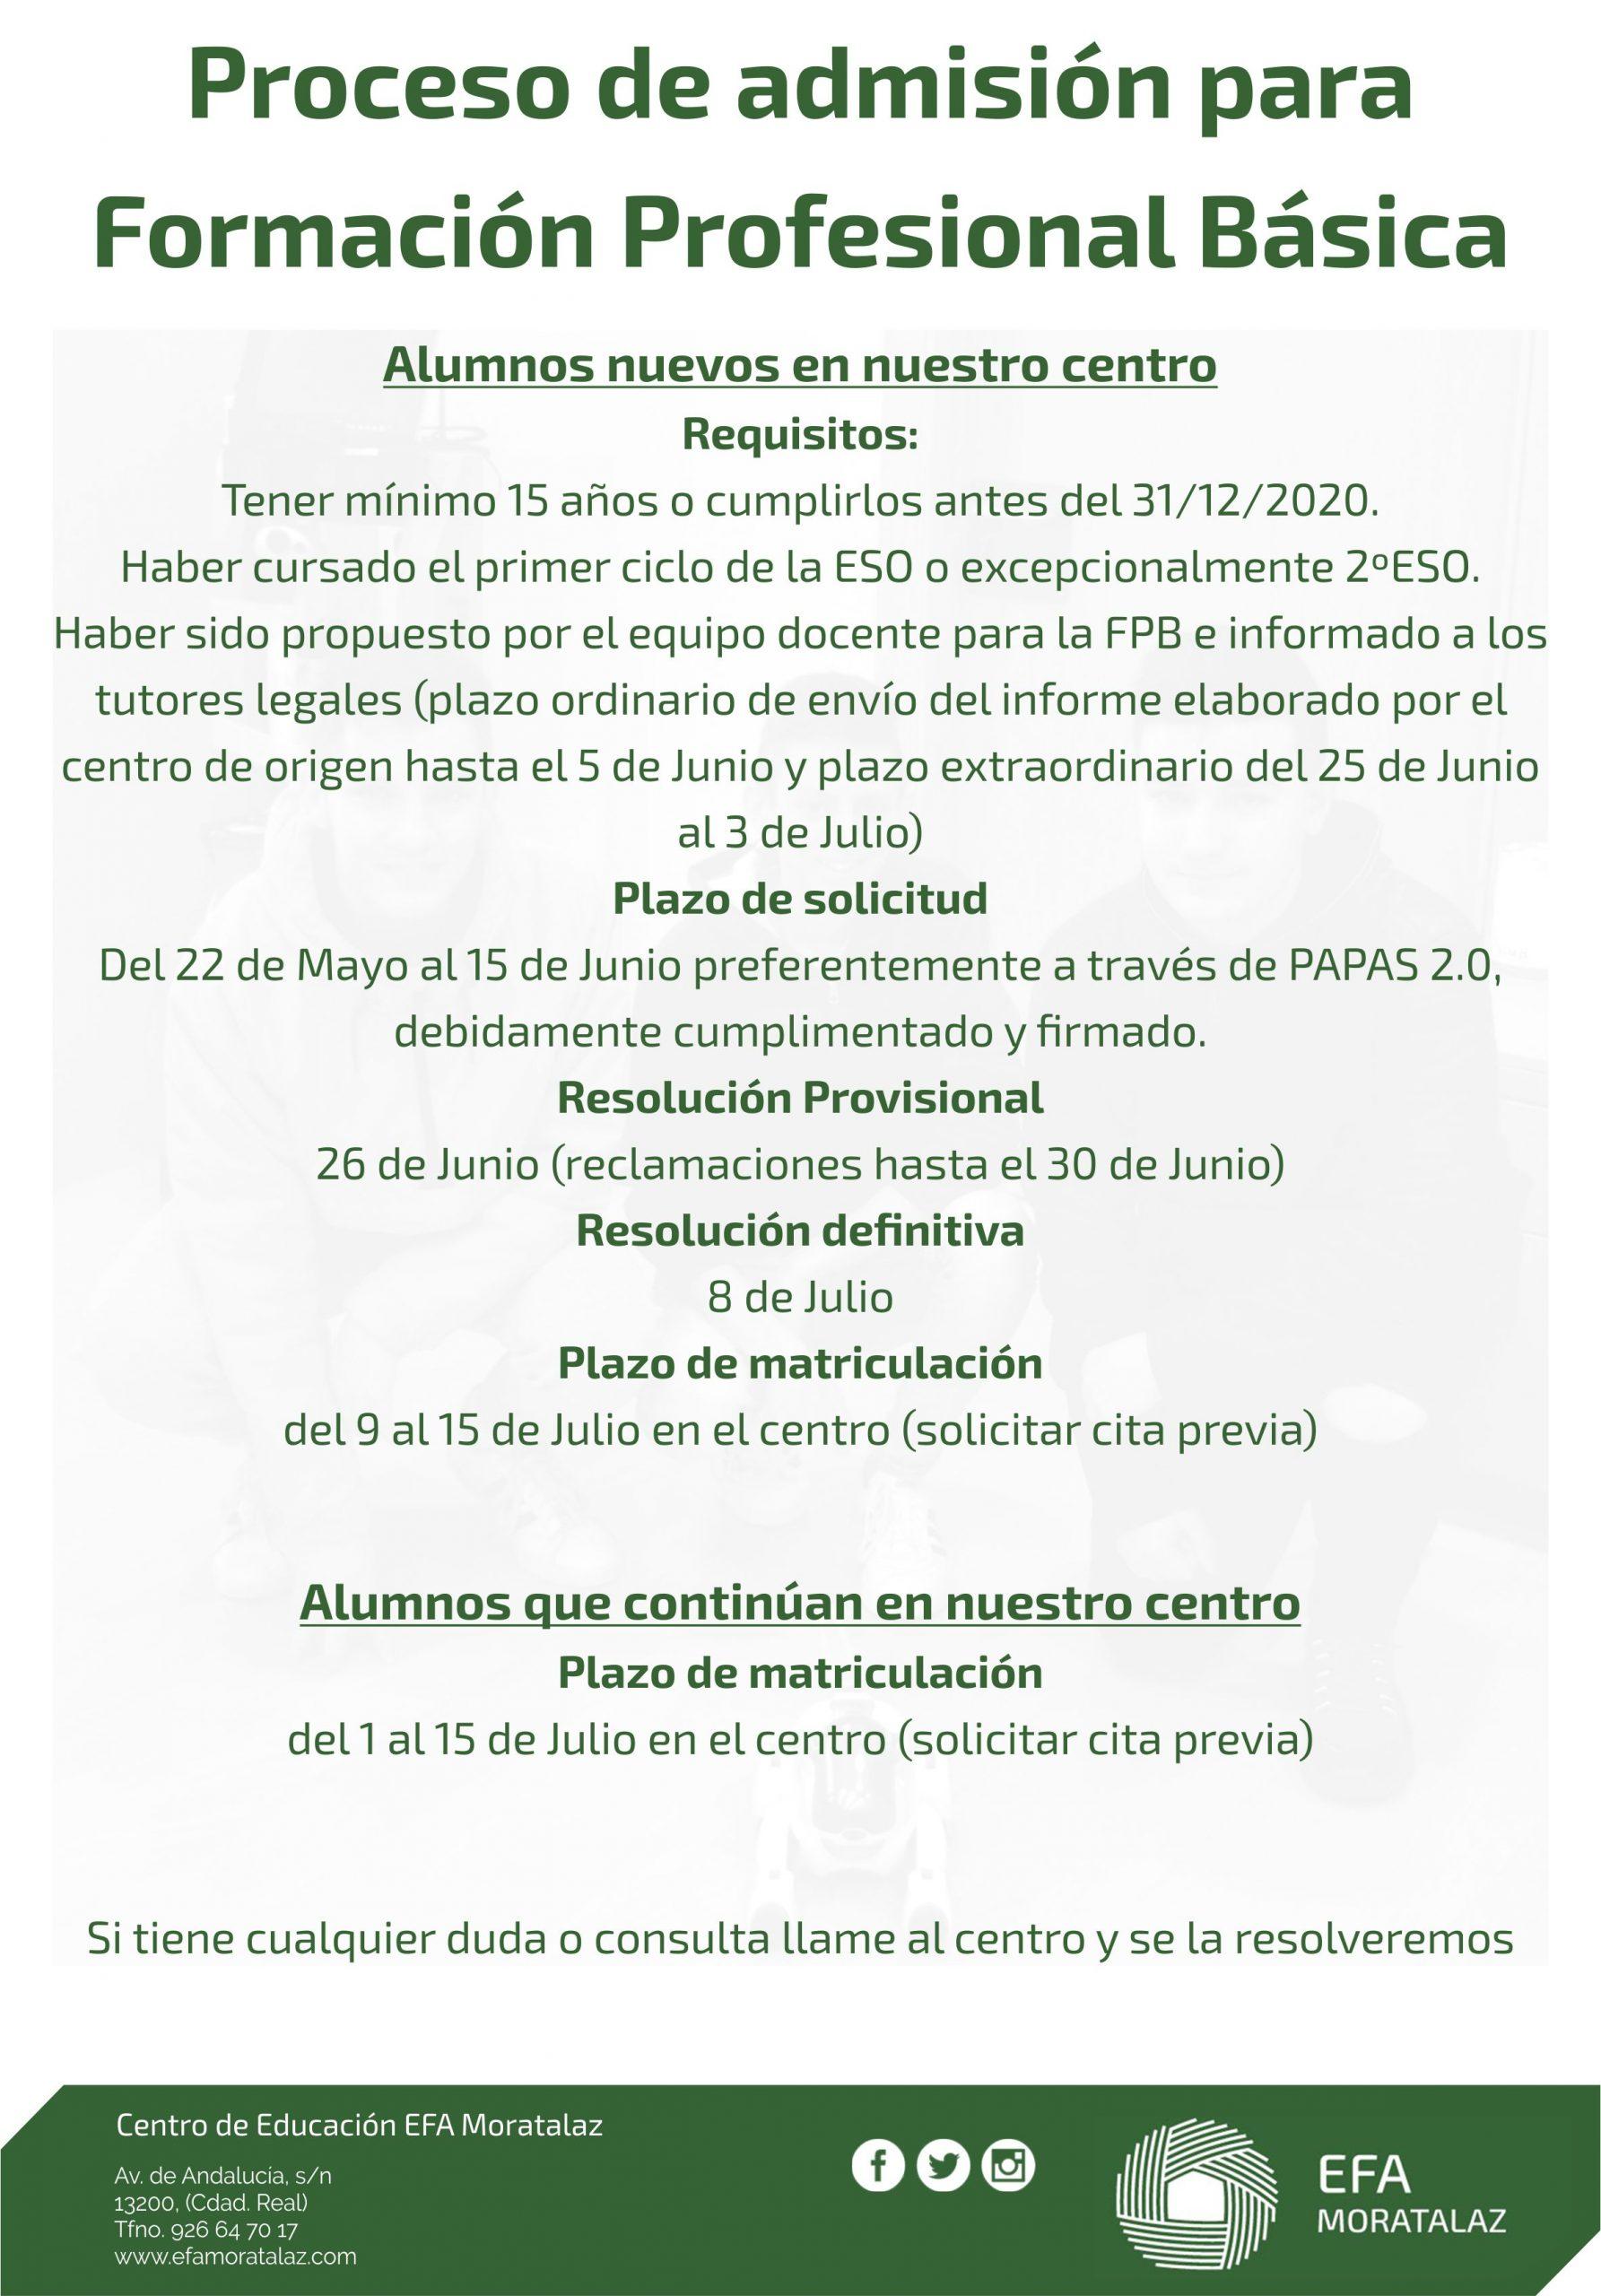 Abierto proceso de admisión pra Formación Profesional Básica